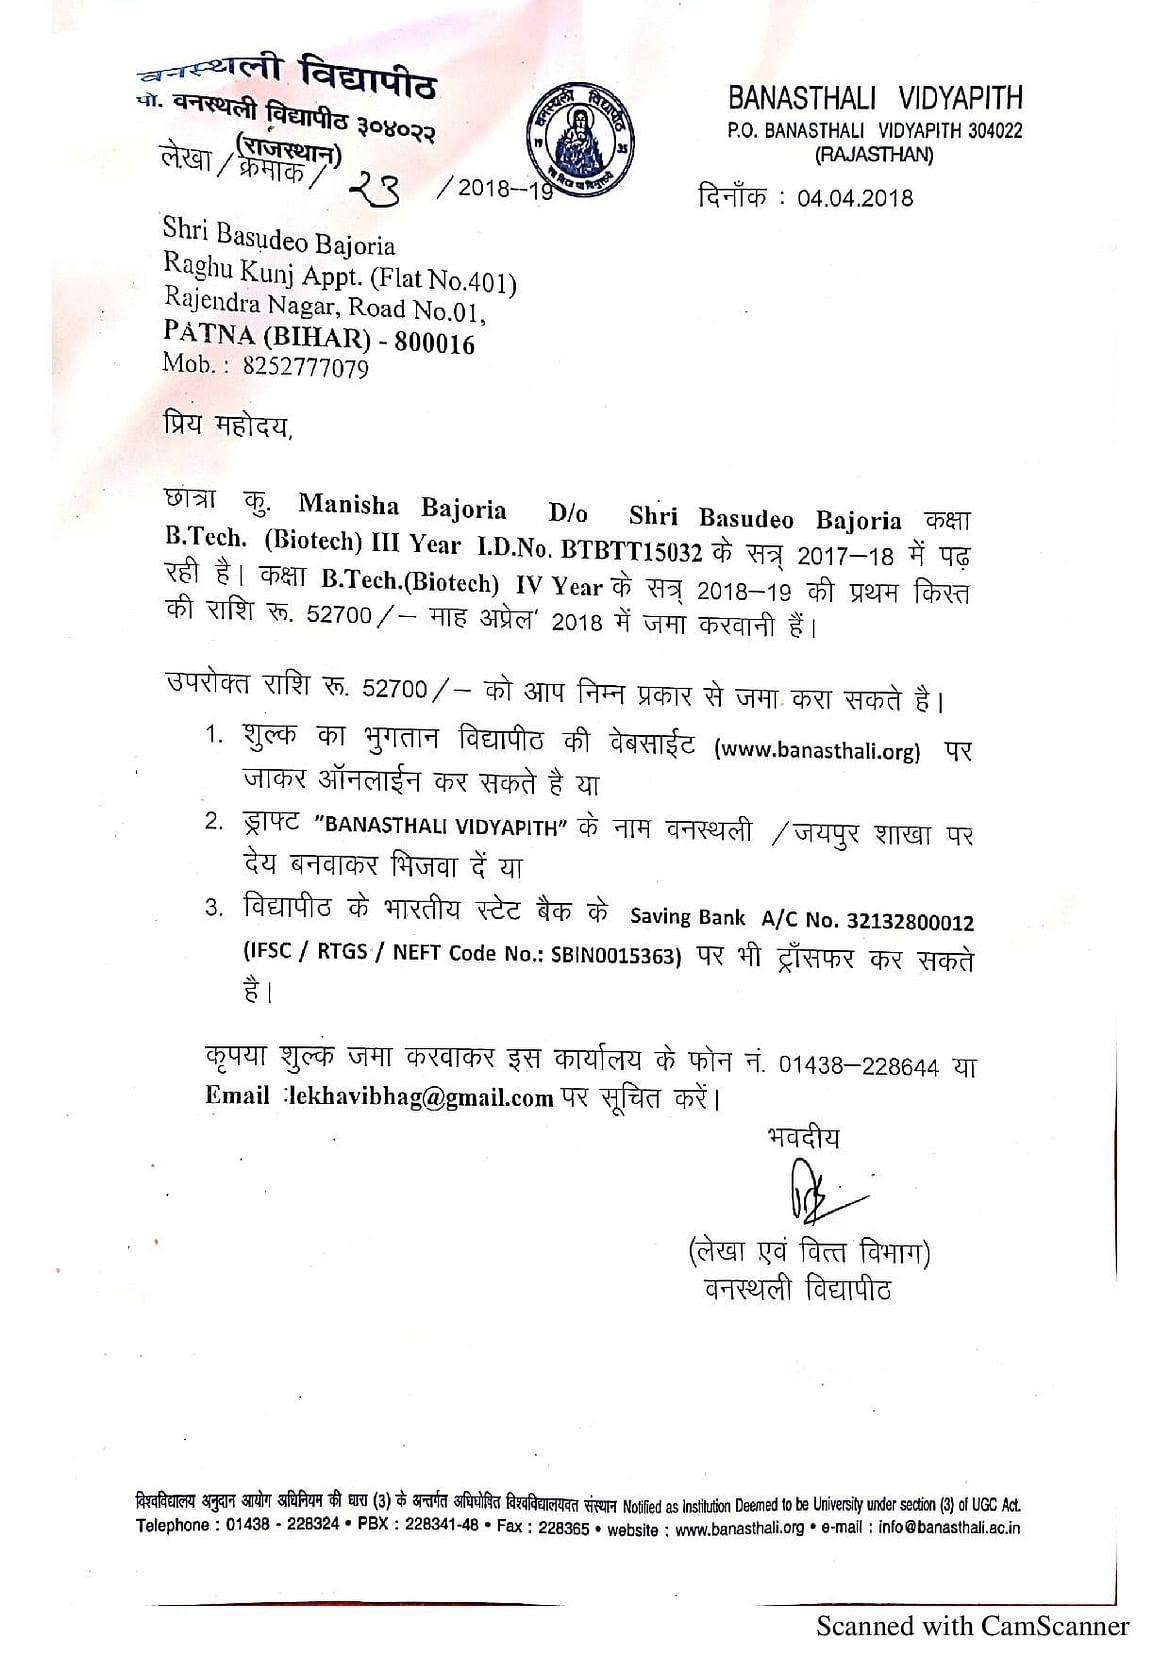 Banasthali letter for fee